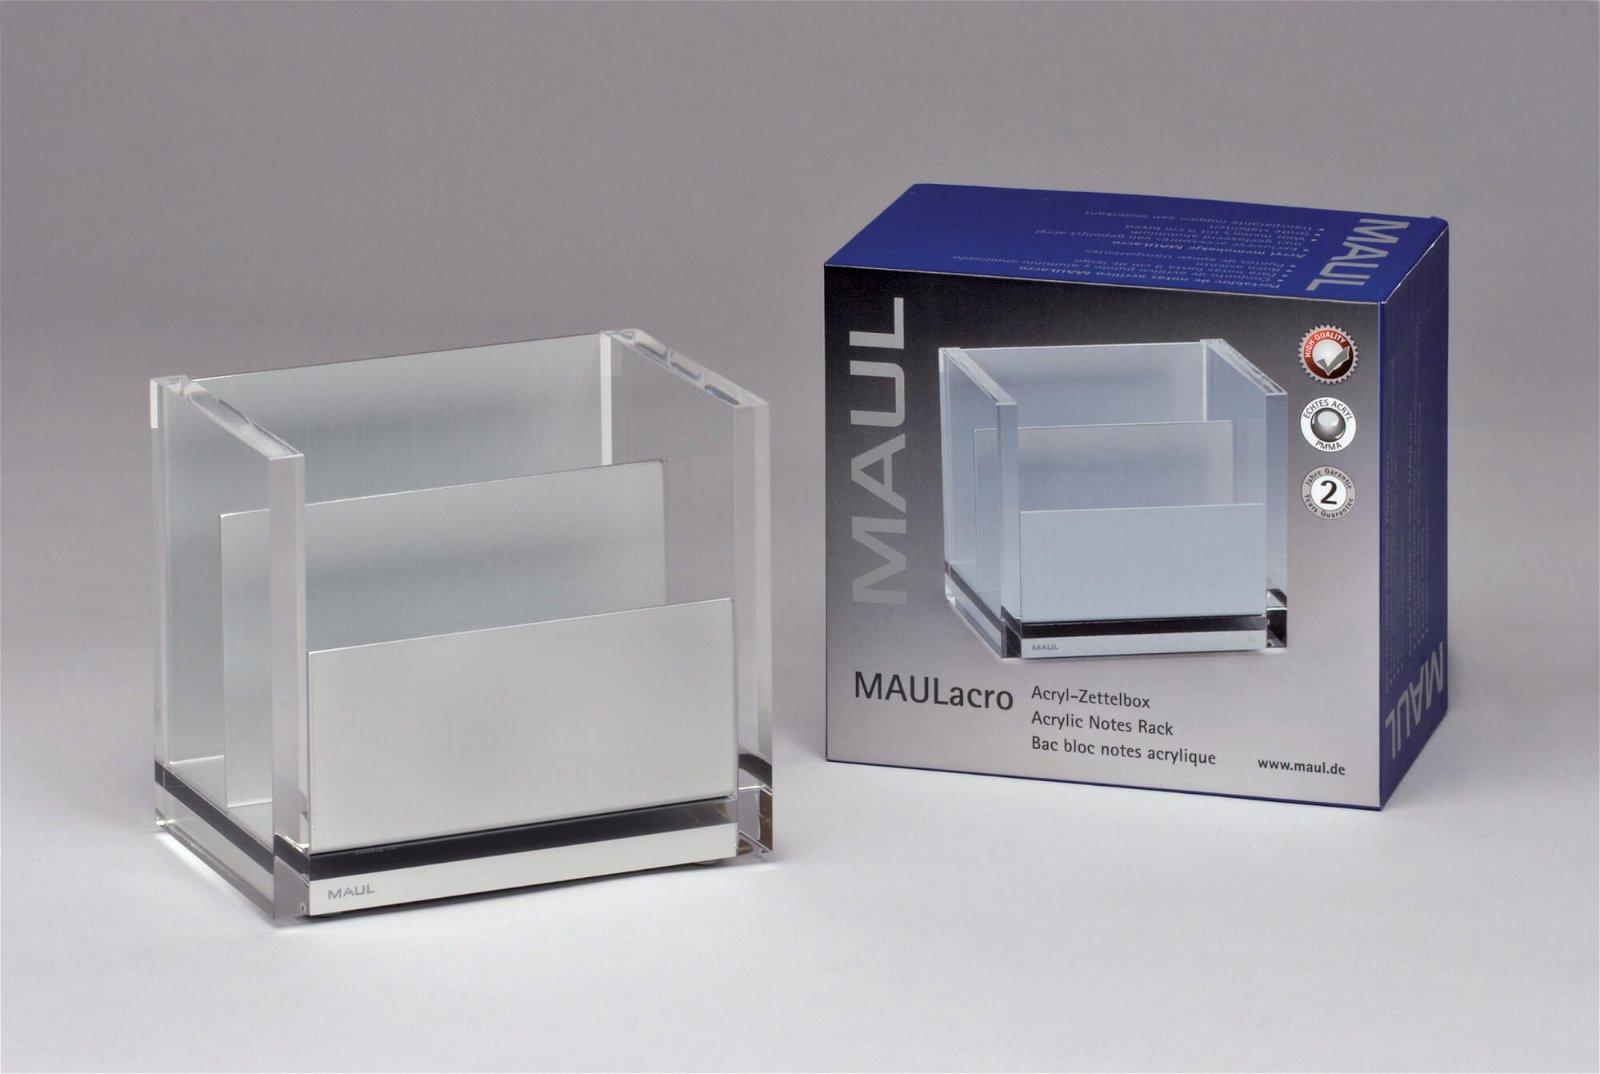 Acryl-Zettelbox MAULacro, glasklar